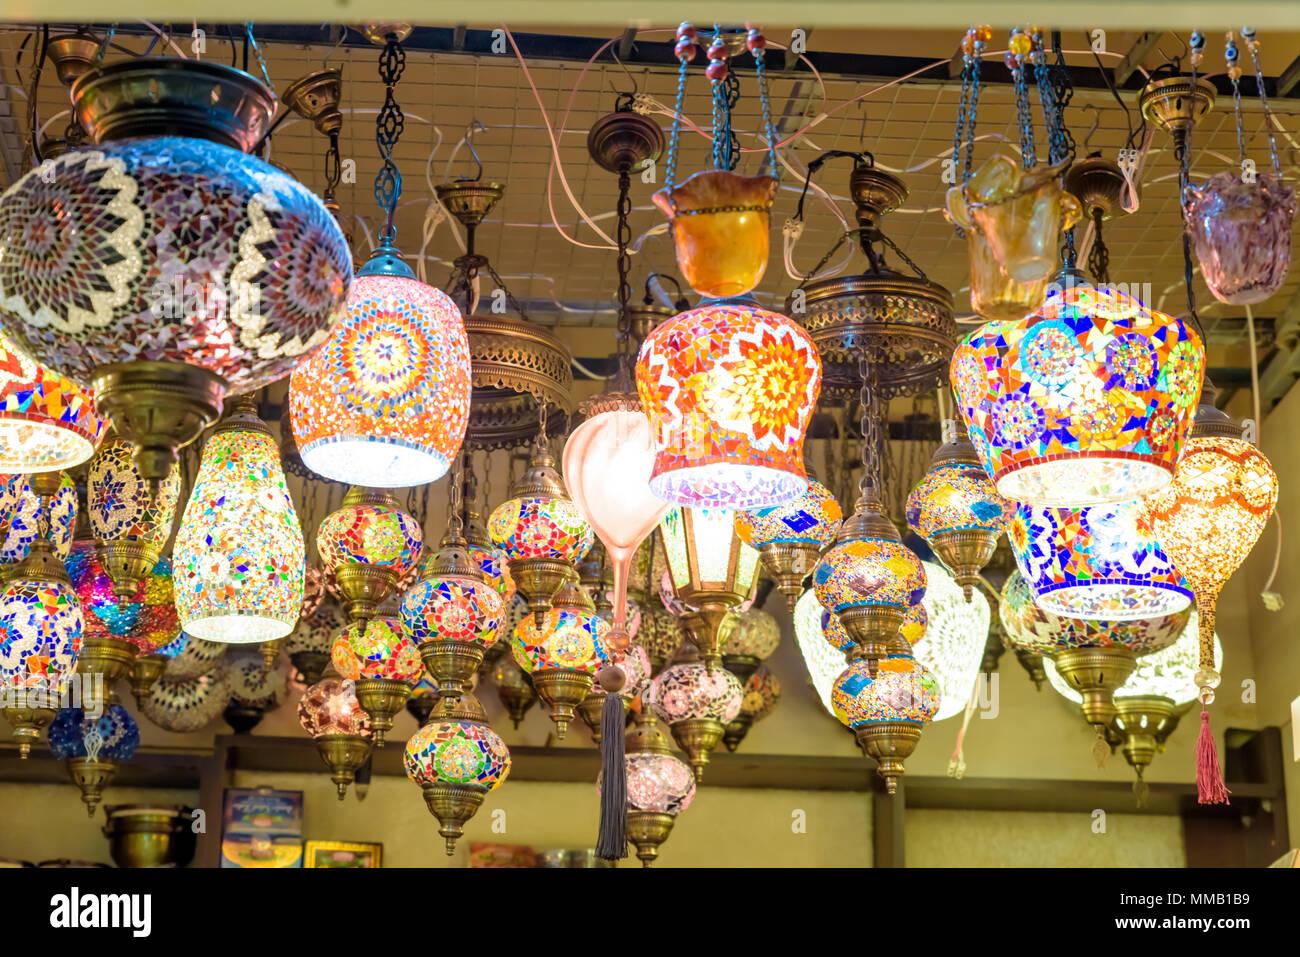 Sfocata colorato tradizionale artigianale di bagno turco lampade e